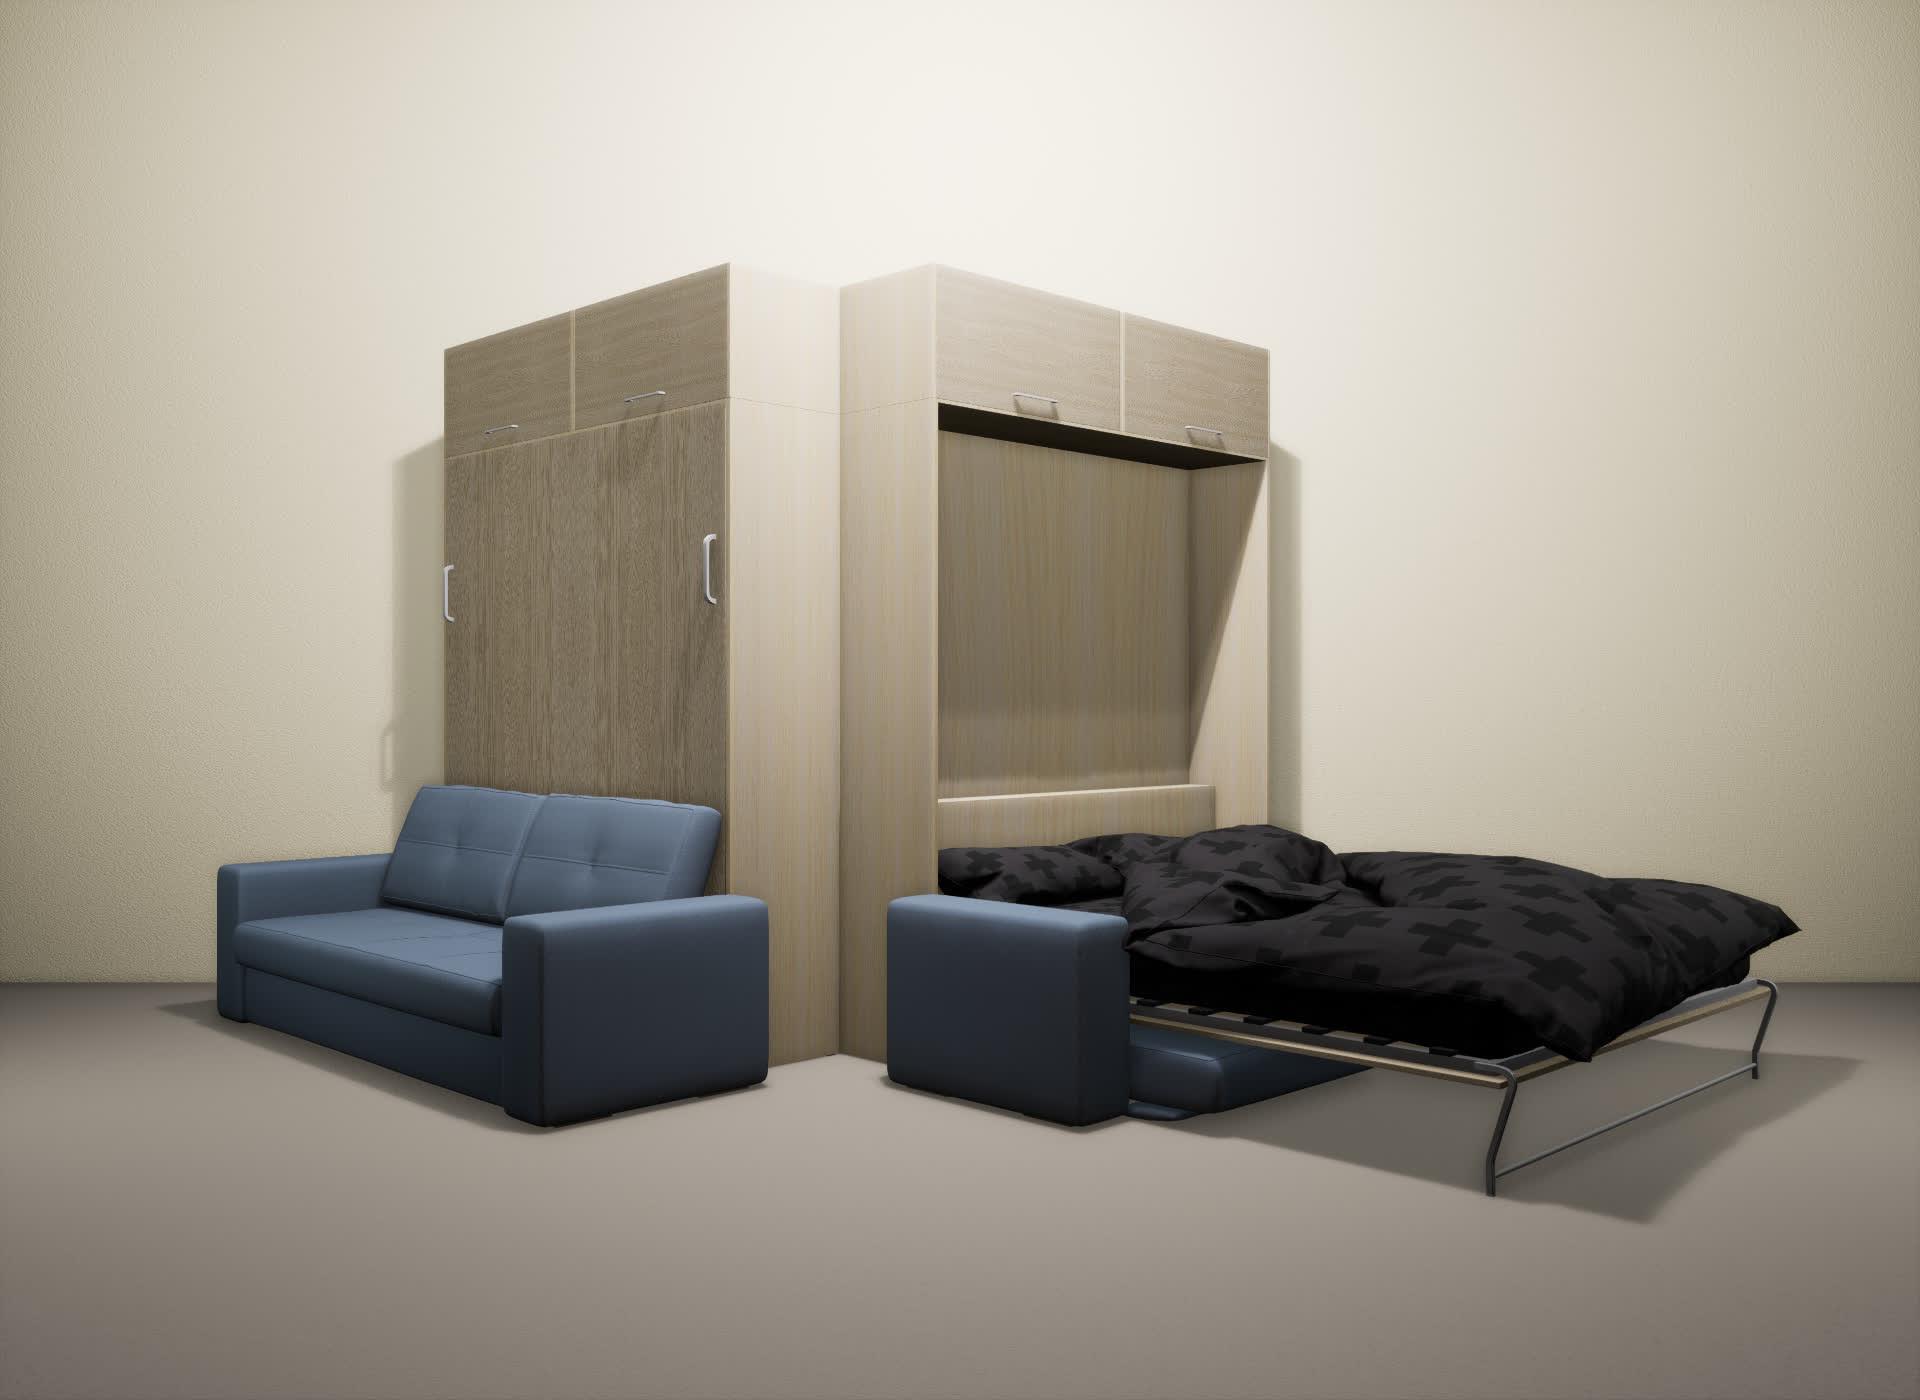 Шкаф-кровать SMART HOME Гамма молочный дуб/ясень